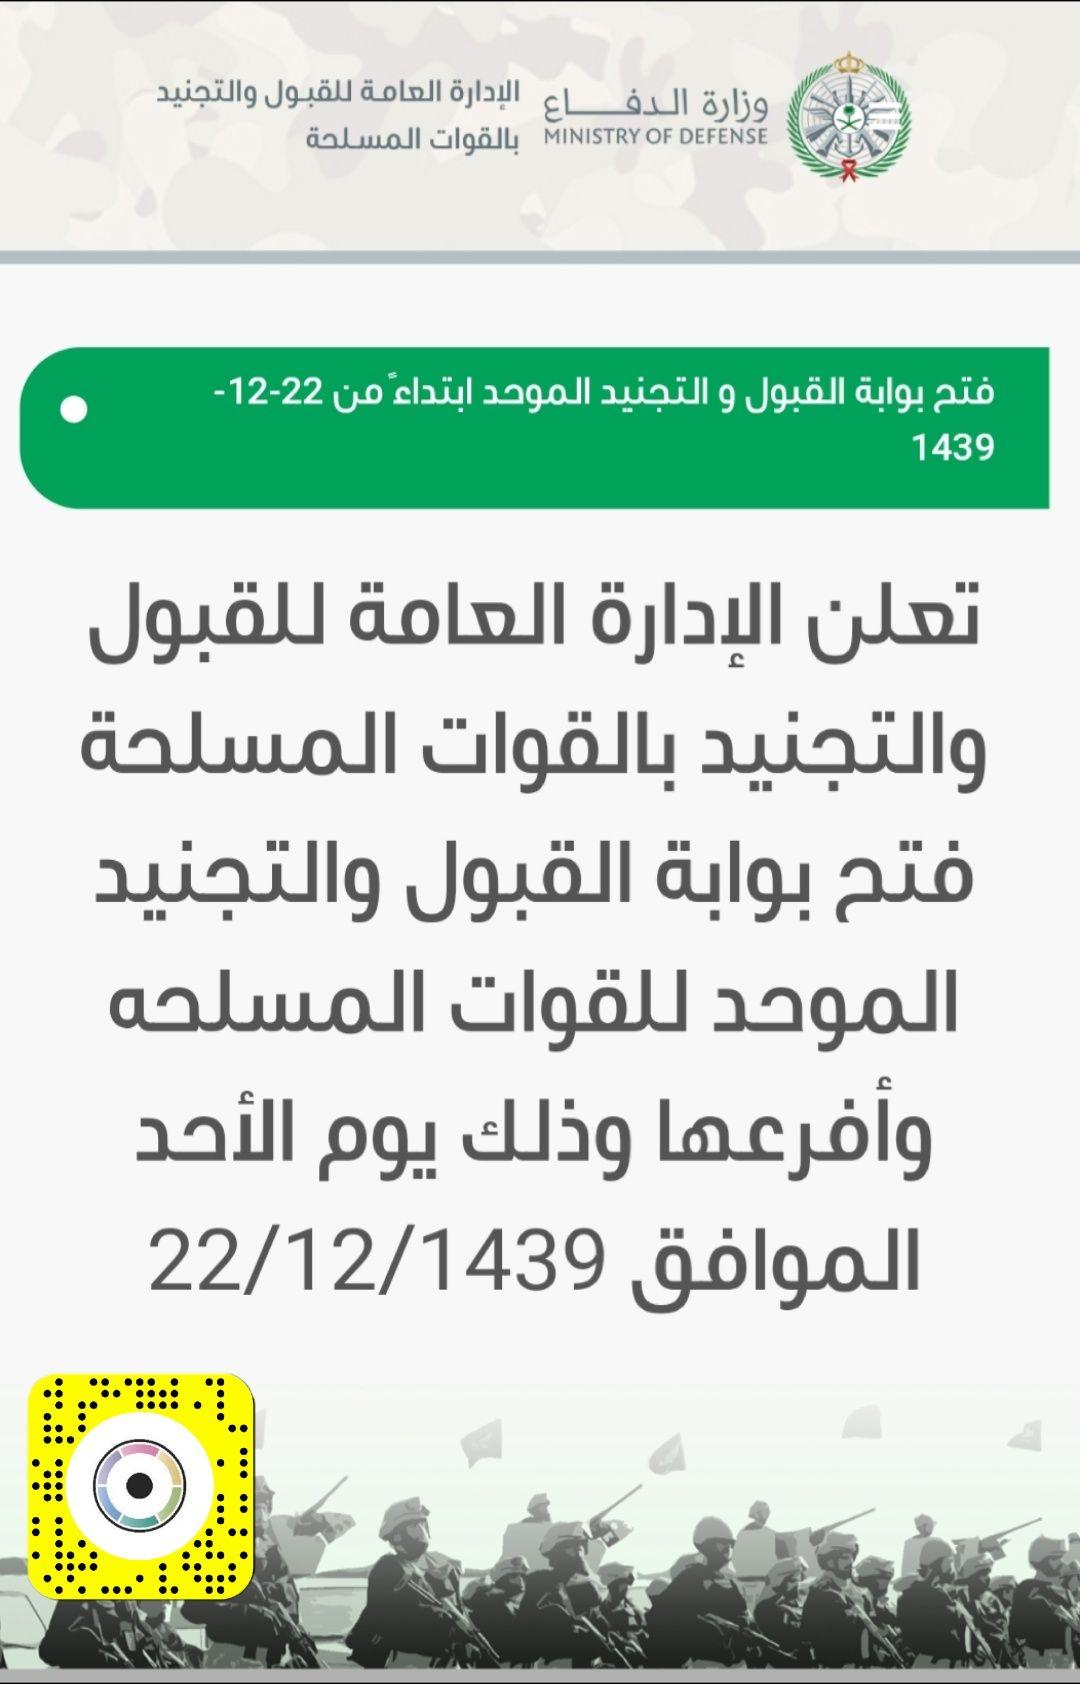 فتح بوابة القبول و التجنيد الموحد ابتداء من 22 12 1439 السعودية وظائف شاغرة وظائف عسكرية وظائف Mobile Boarding Pass Boarding Pass Ministry